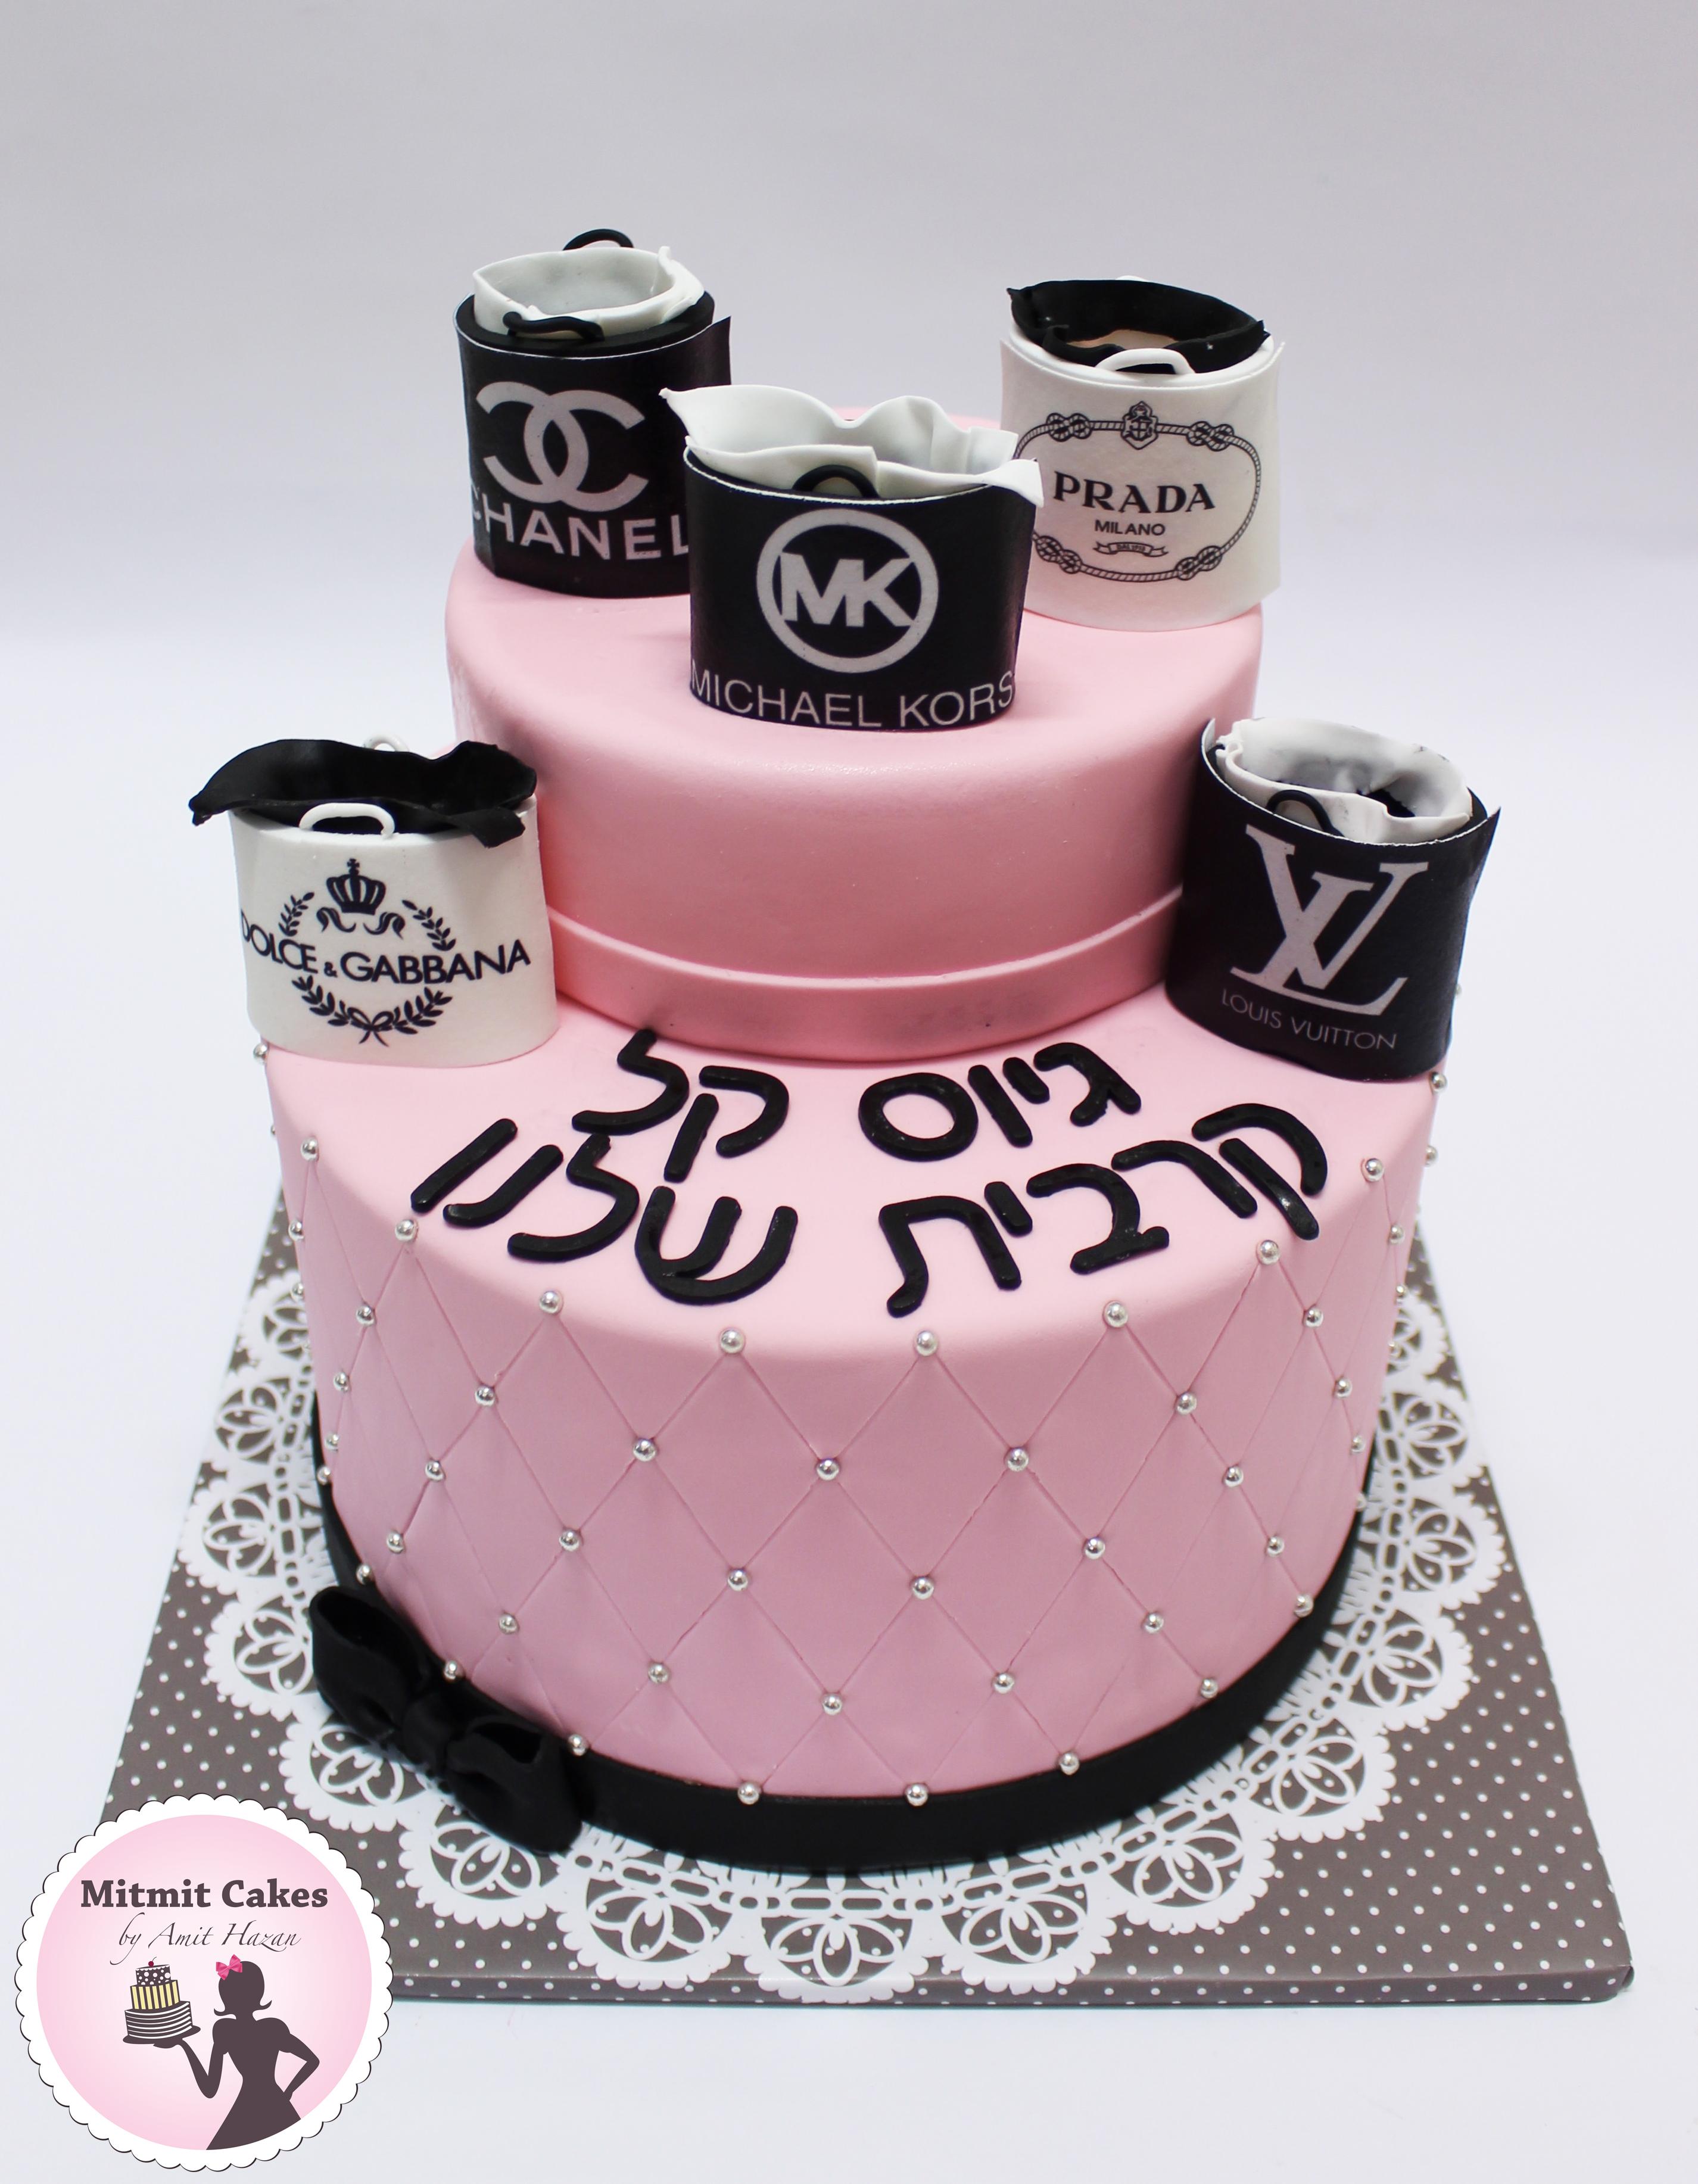 עוגה גיוס לקרבי שופינג